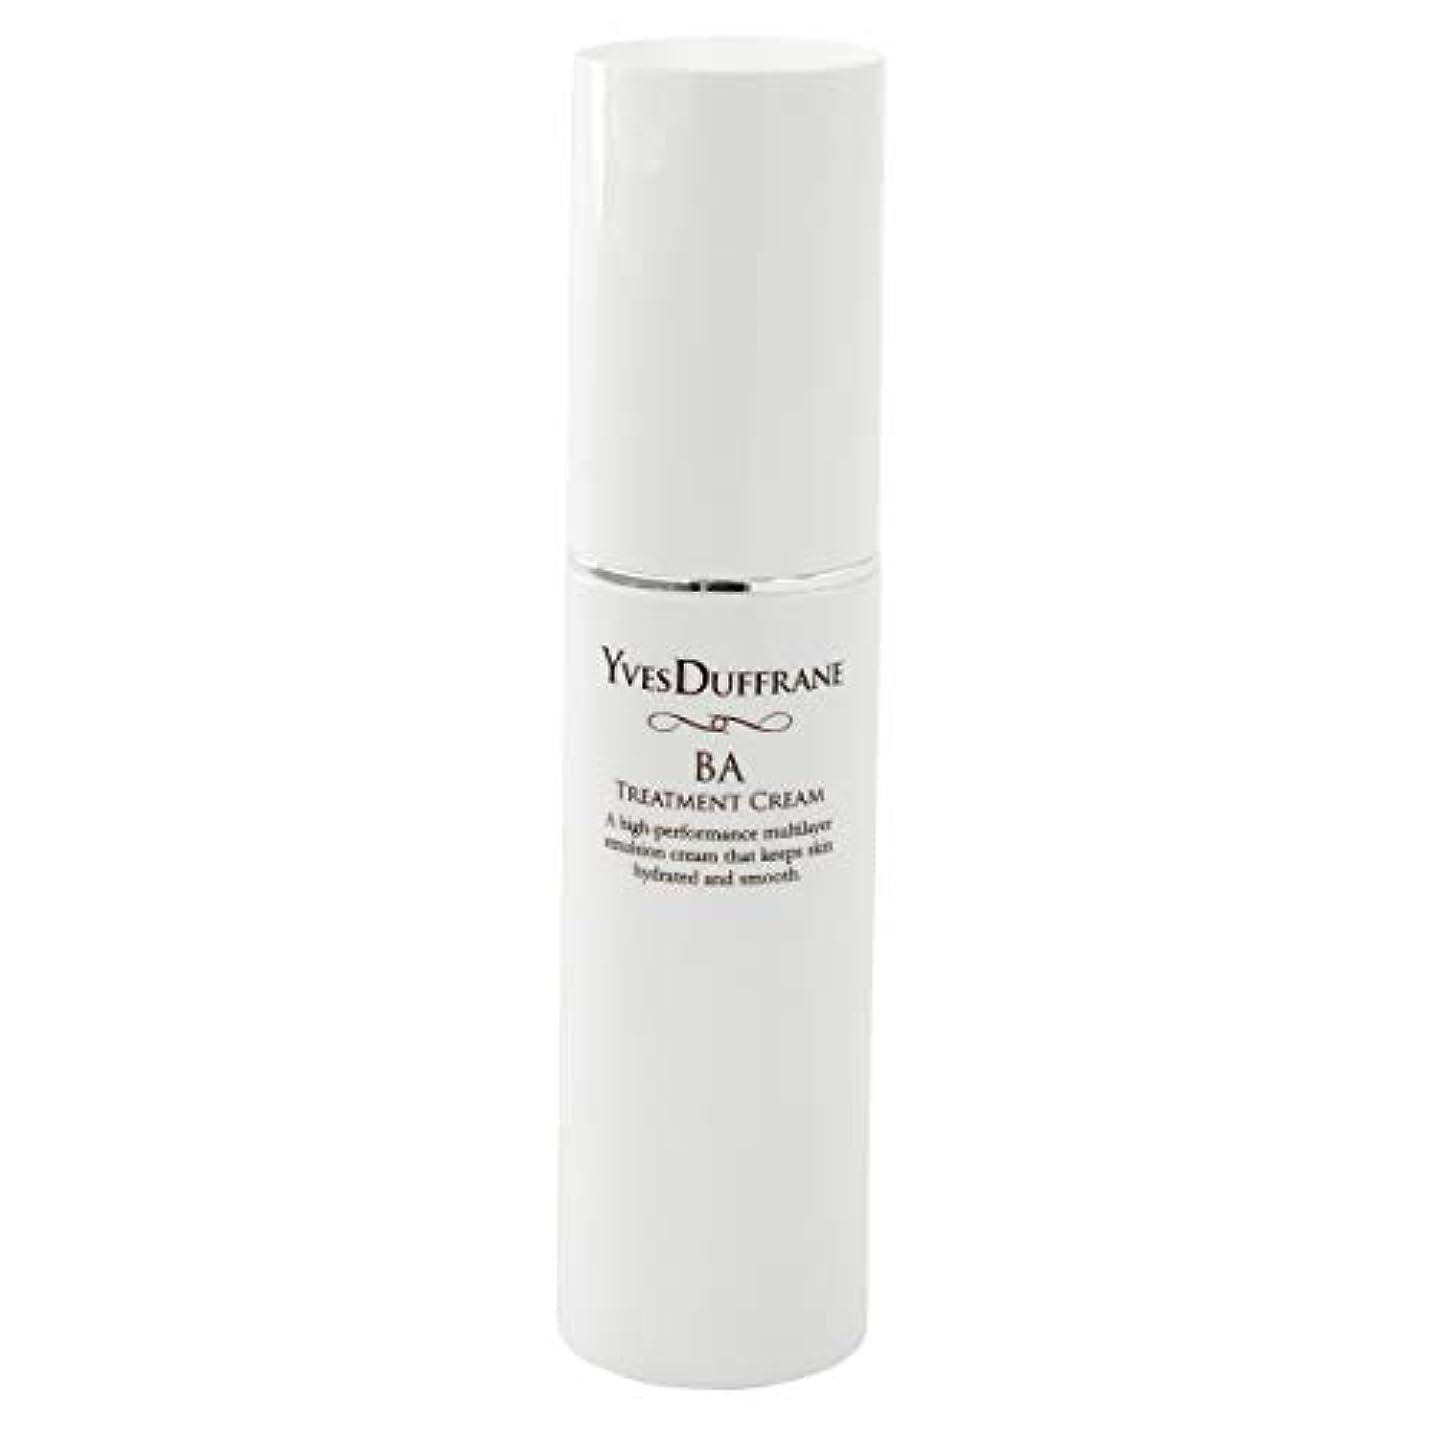 同情的活気づける結晶セラミド 美容クリーム [BAトリートメント クリーム ] 顔 目元 敏感肌 保湿 セラミド ビタミンC誘導体 バイオアンテージ配合